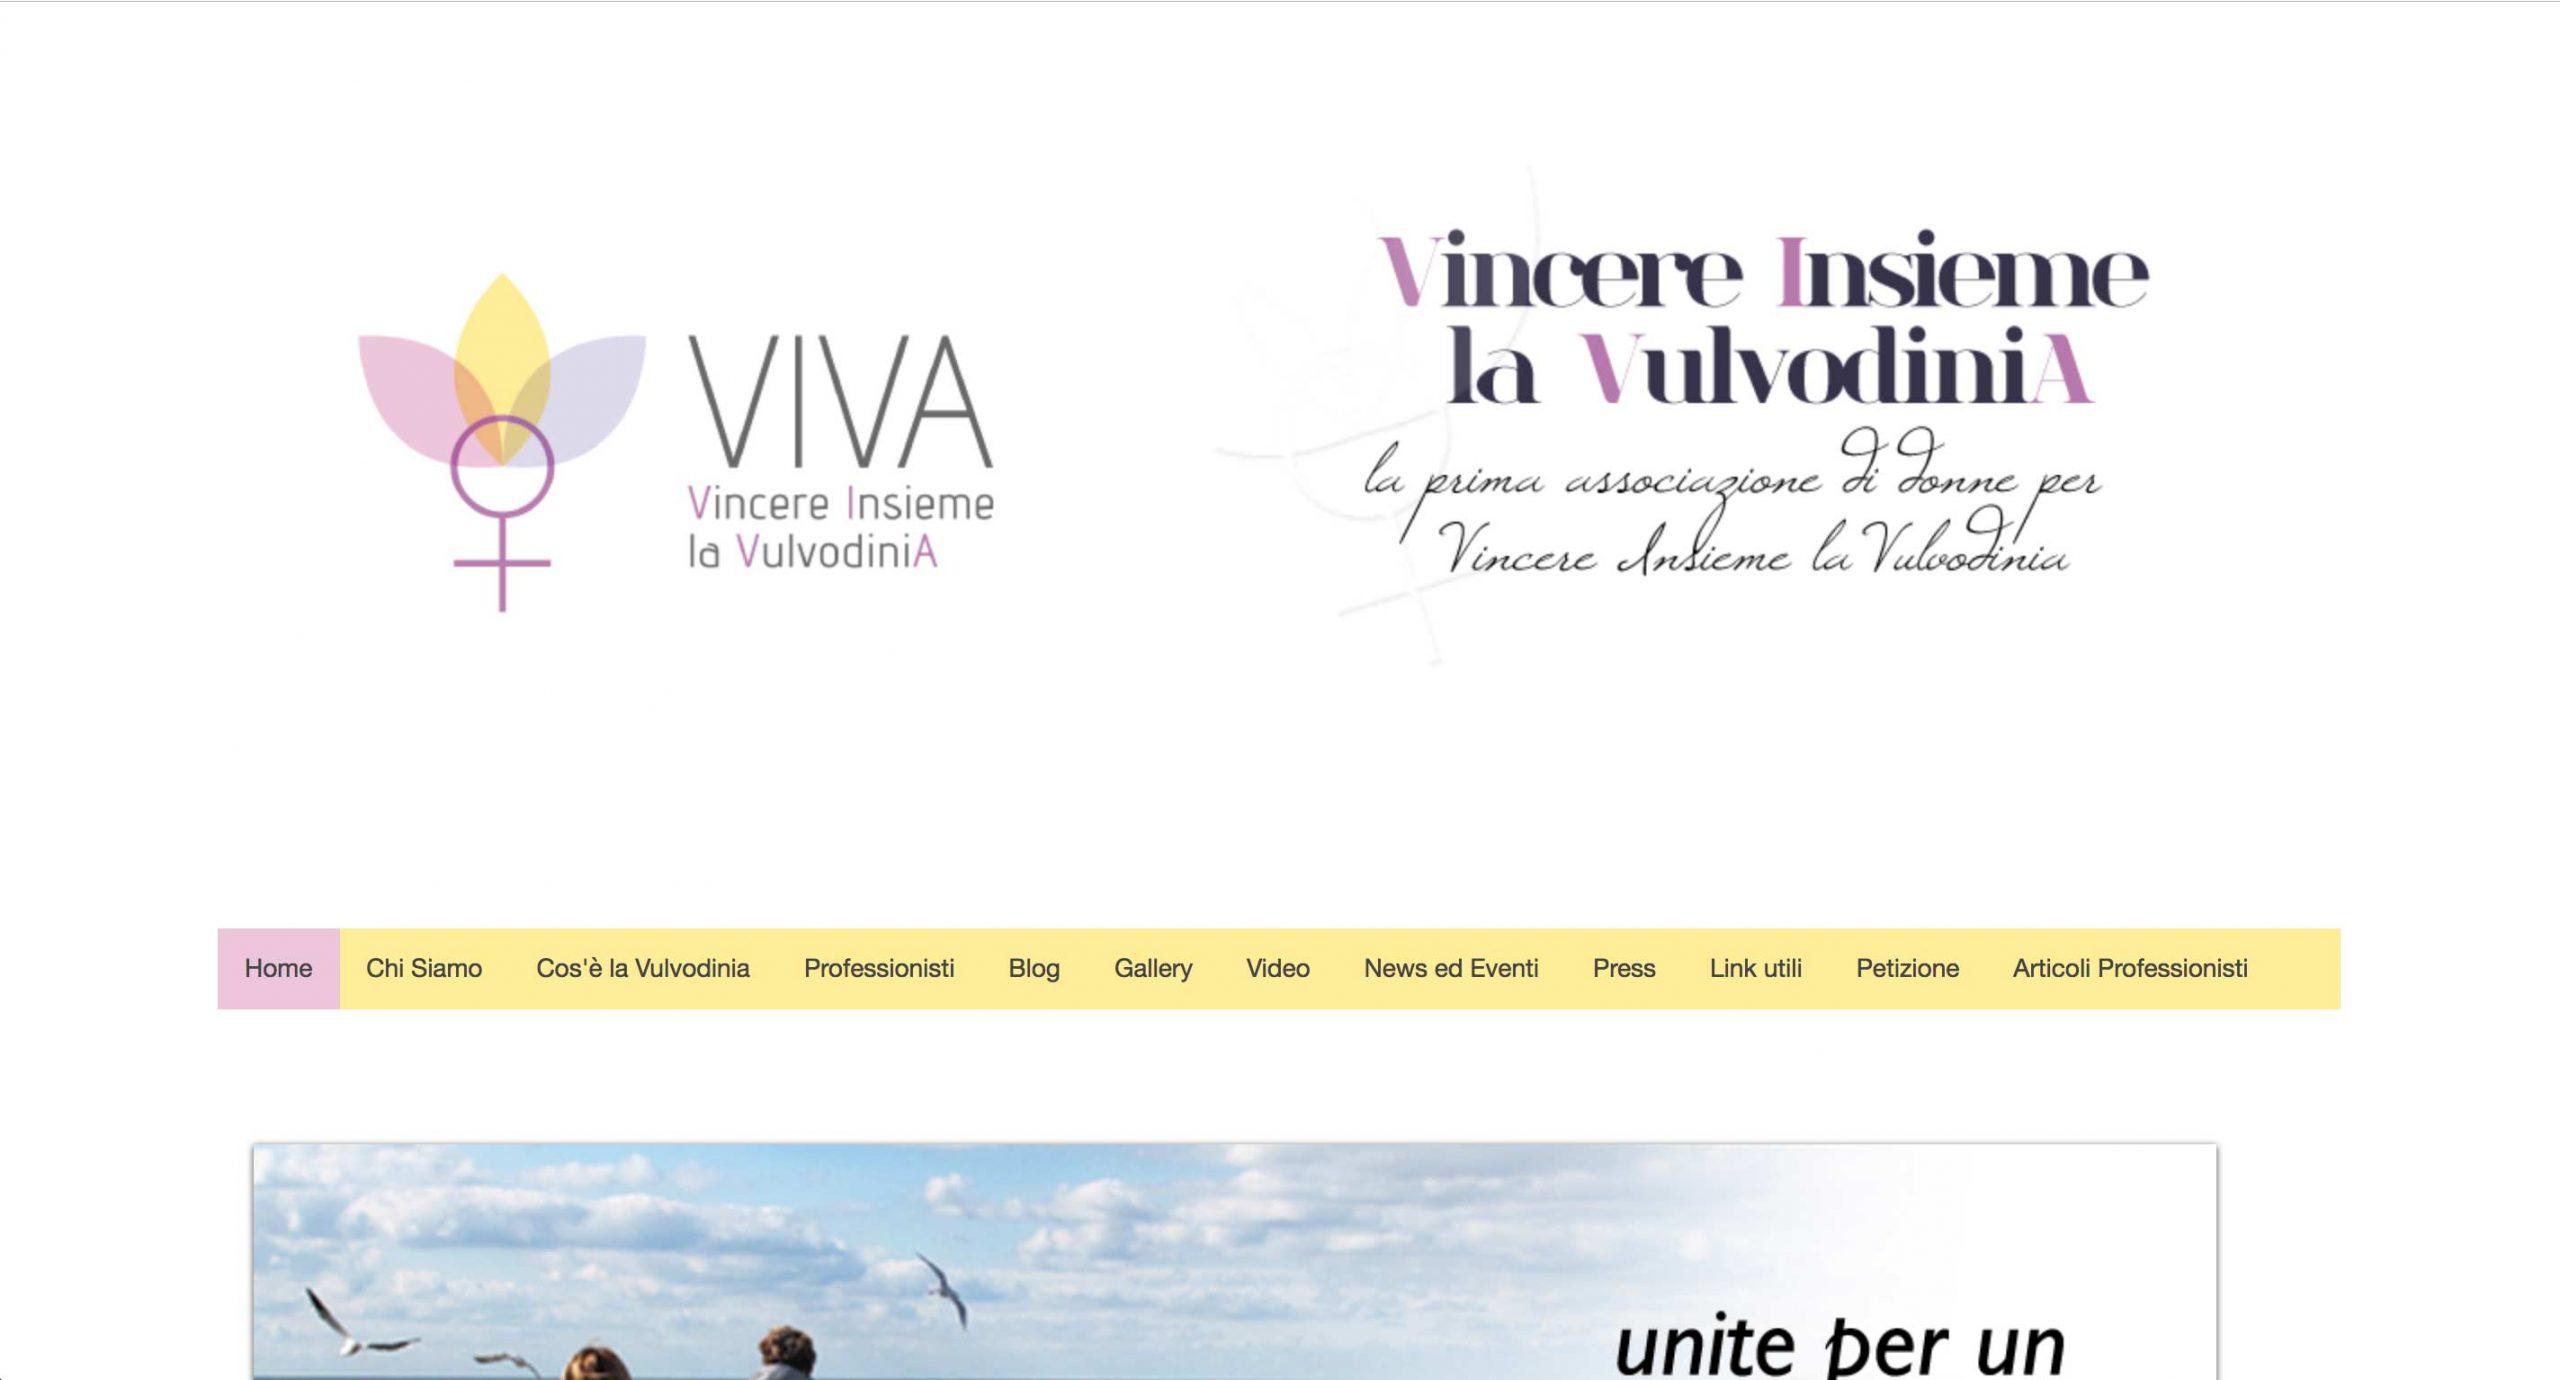 VIVA - Home Page